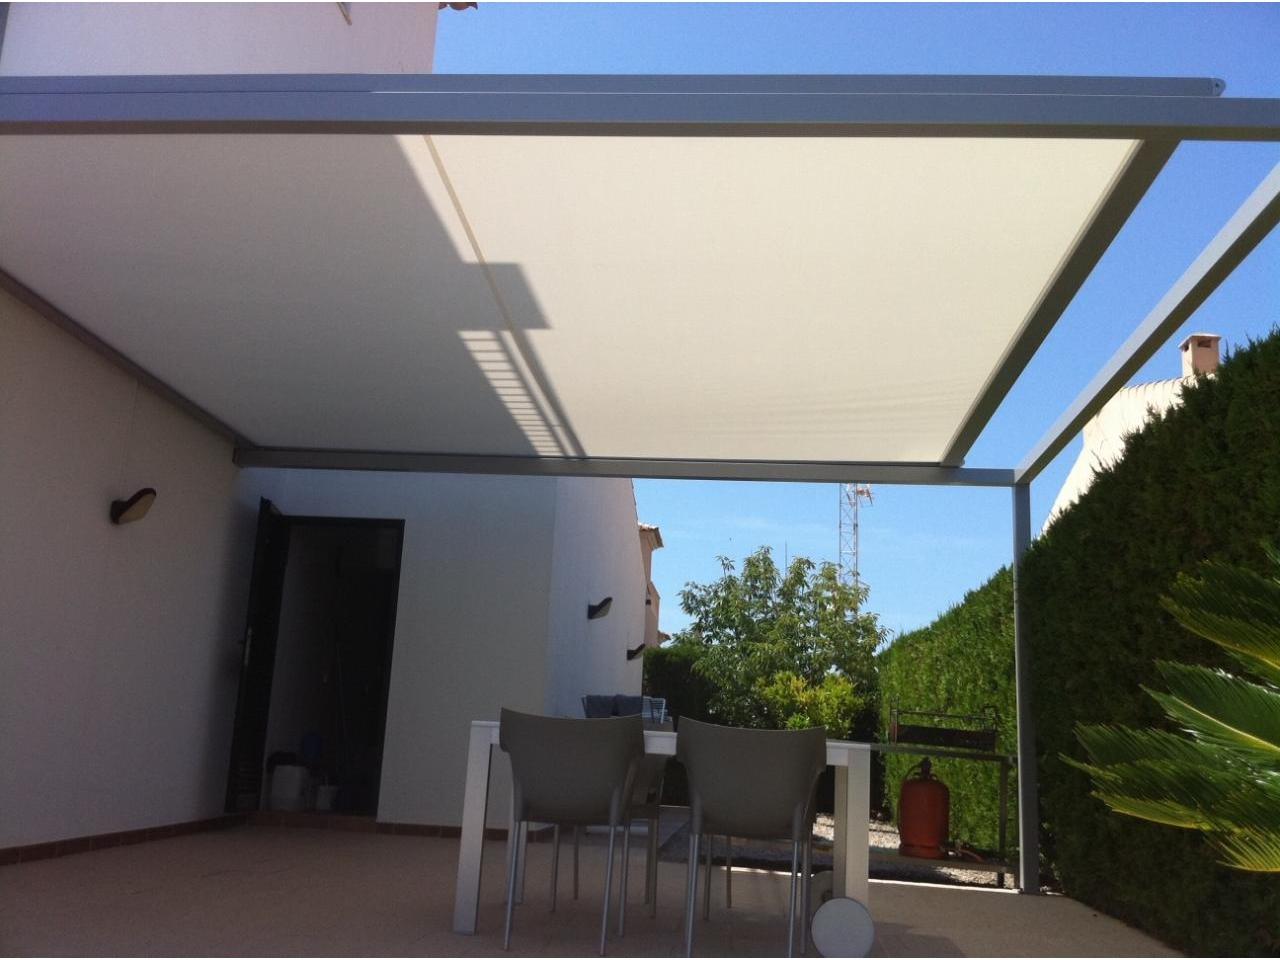 Trabajos cat logos art tendal toldos cofre parasoles for Toldos para terrazas economicos